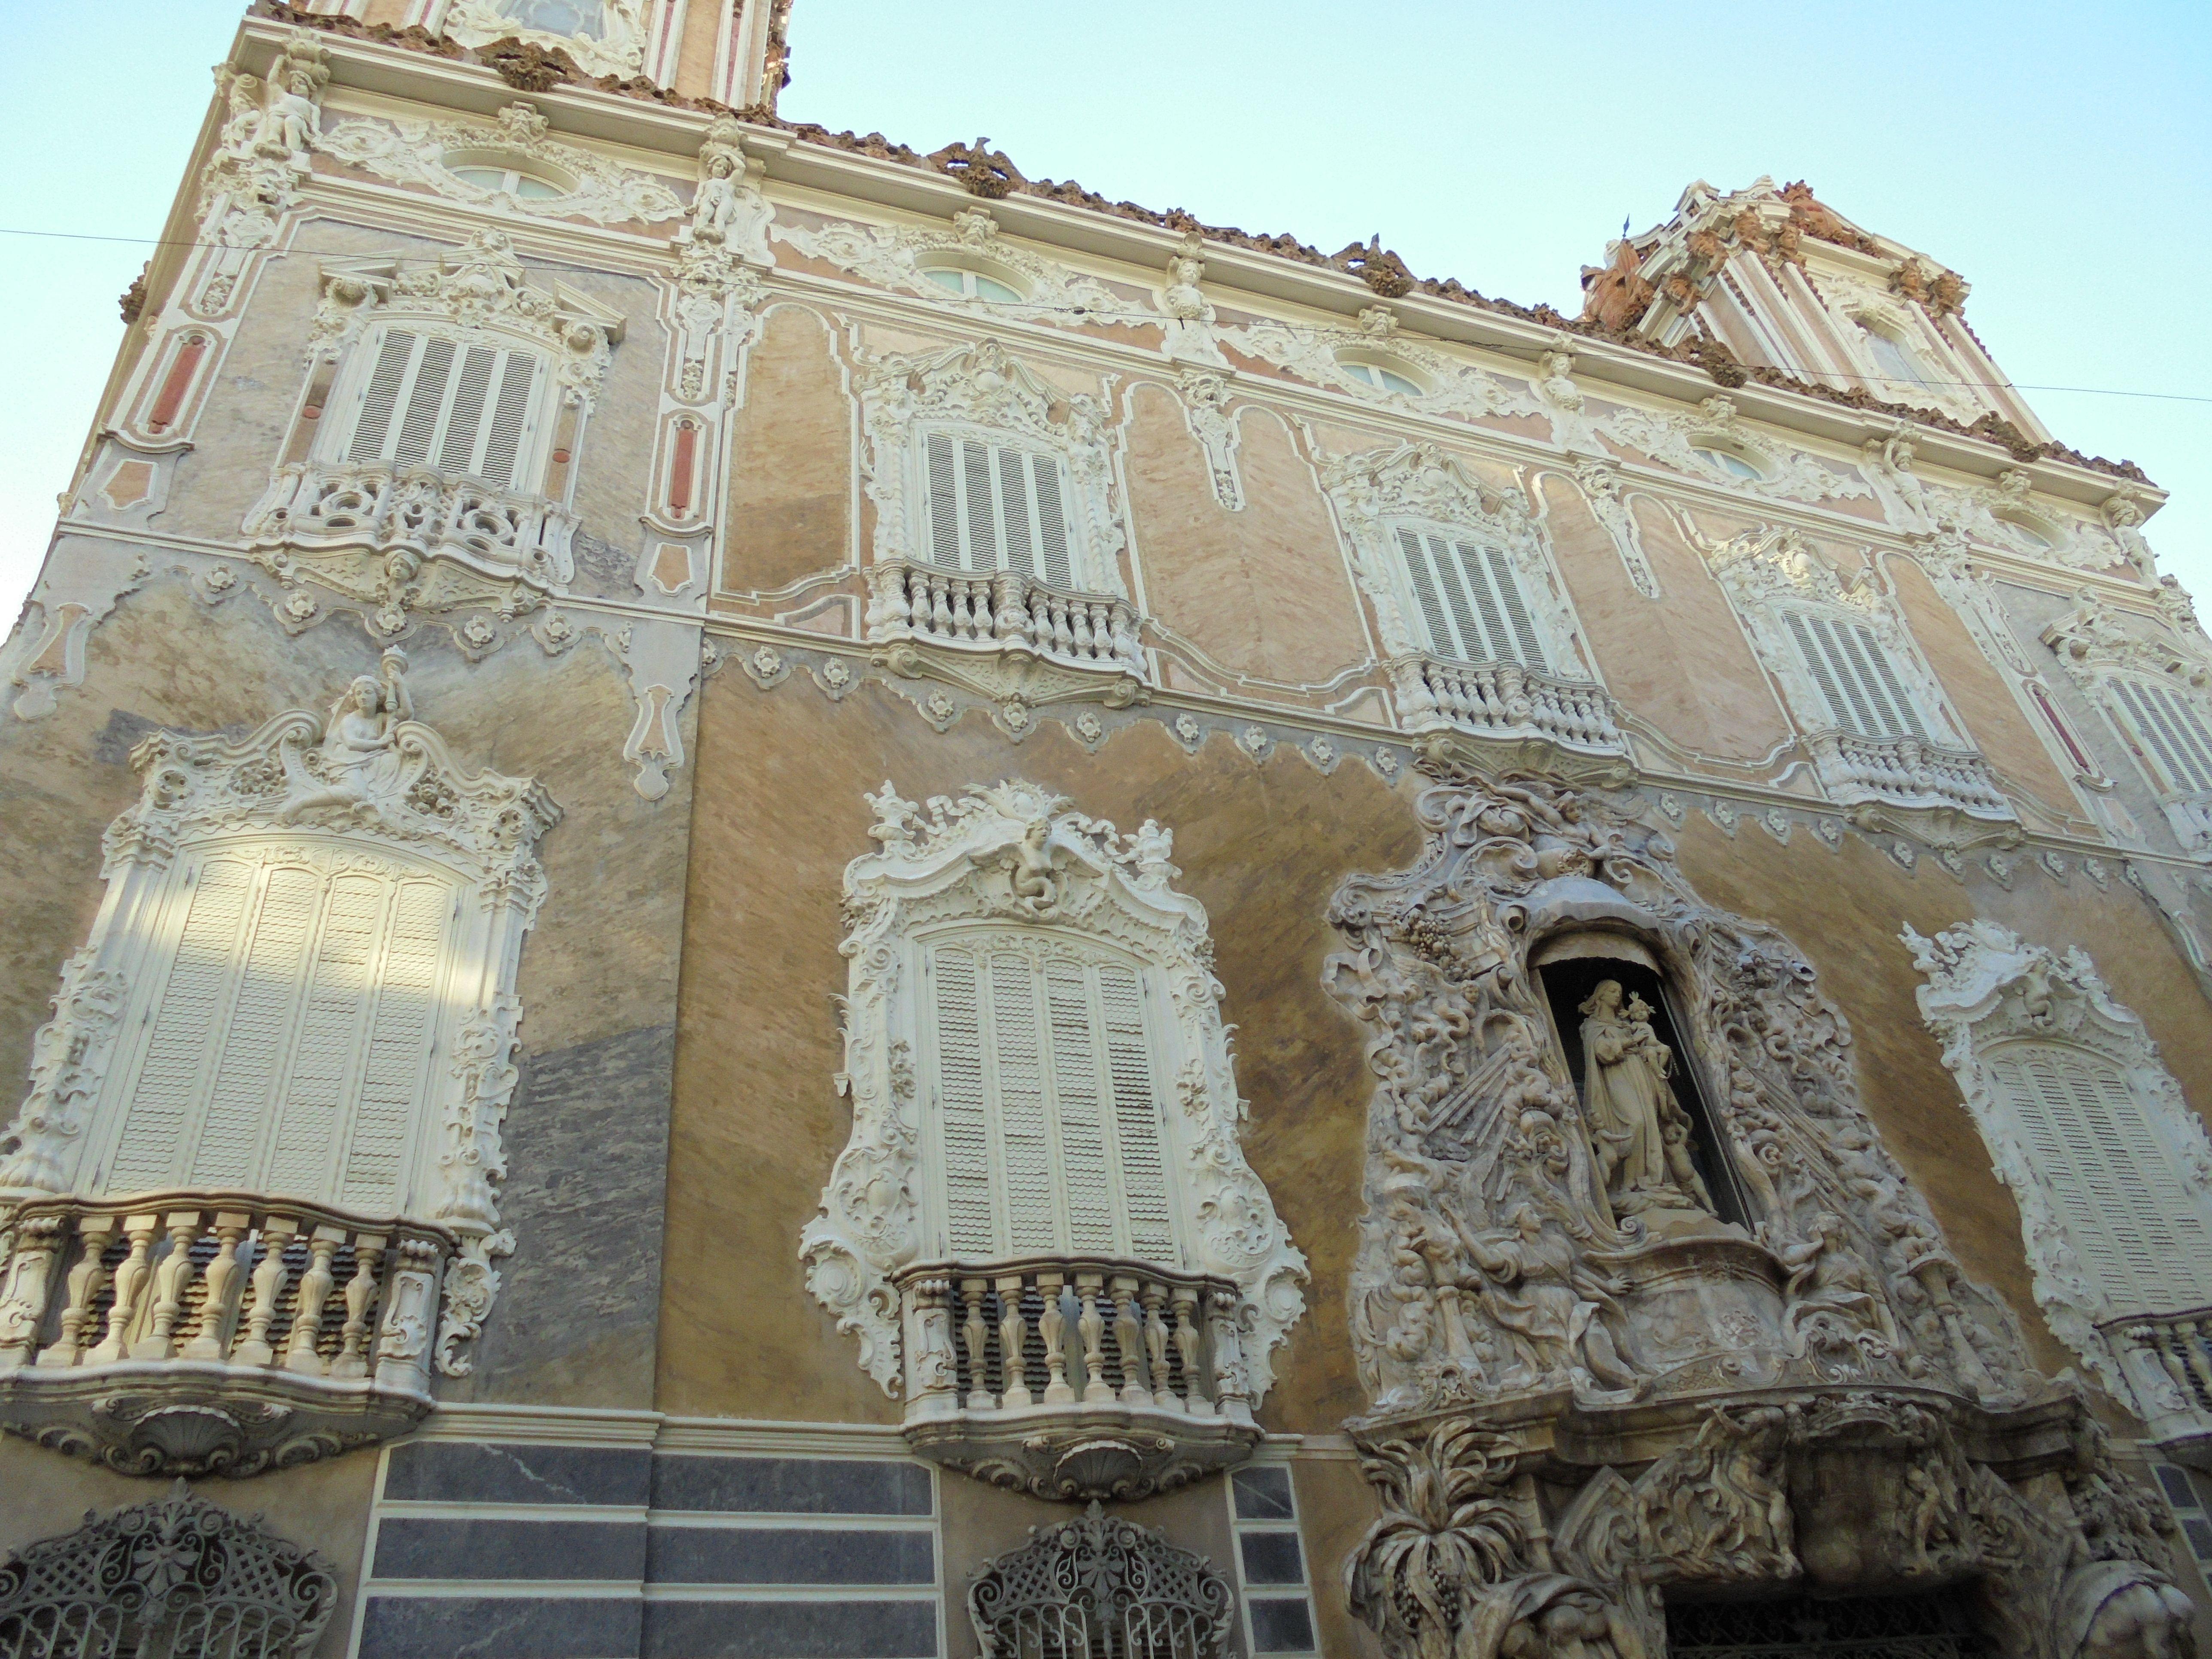 façade del palacio